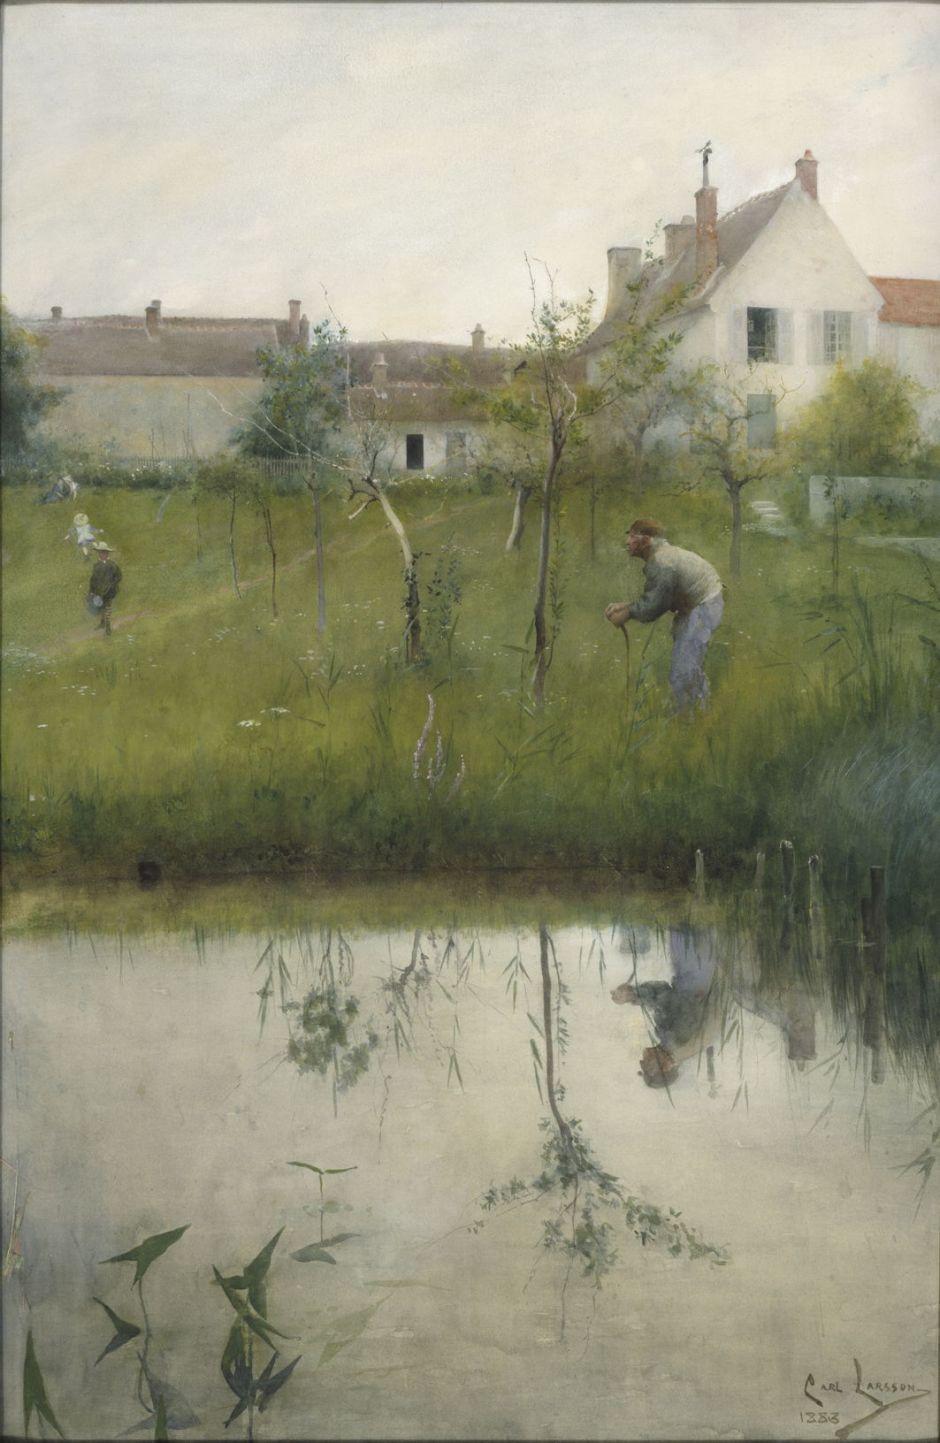 larssonoldmannursery1883